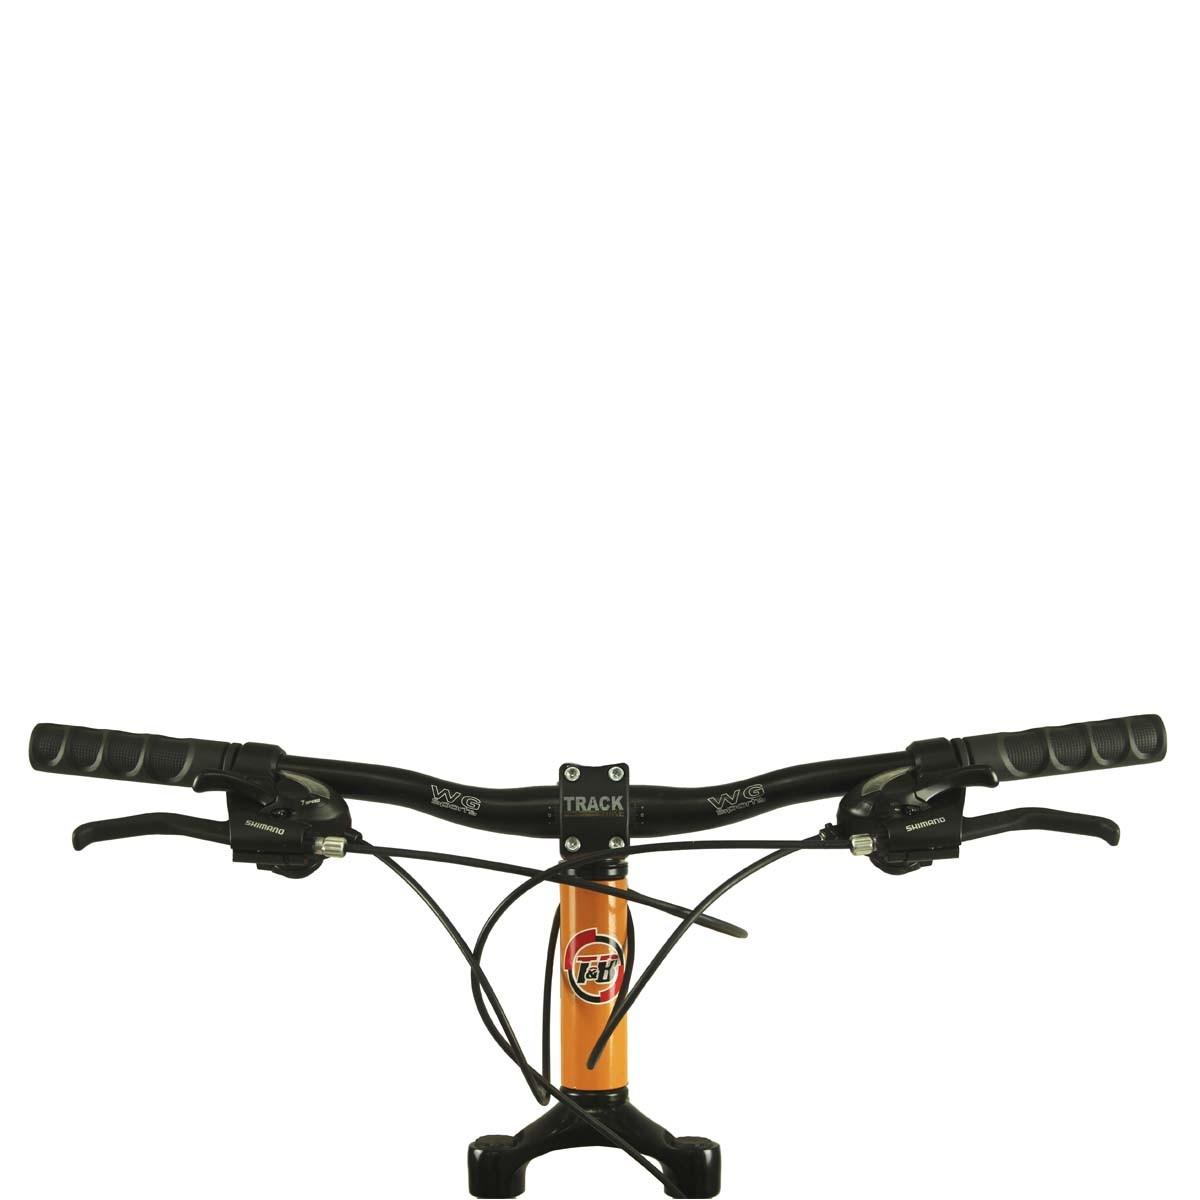 Bicicleta Track & Bikes Aro 29 TKS 29 21 Marchas Suspensão Dianteira Quadro em Alumínio Freio à Disco